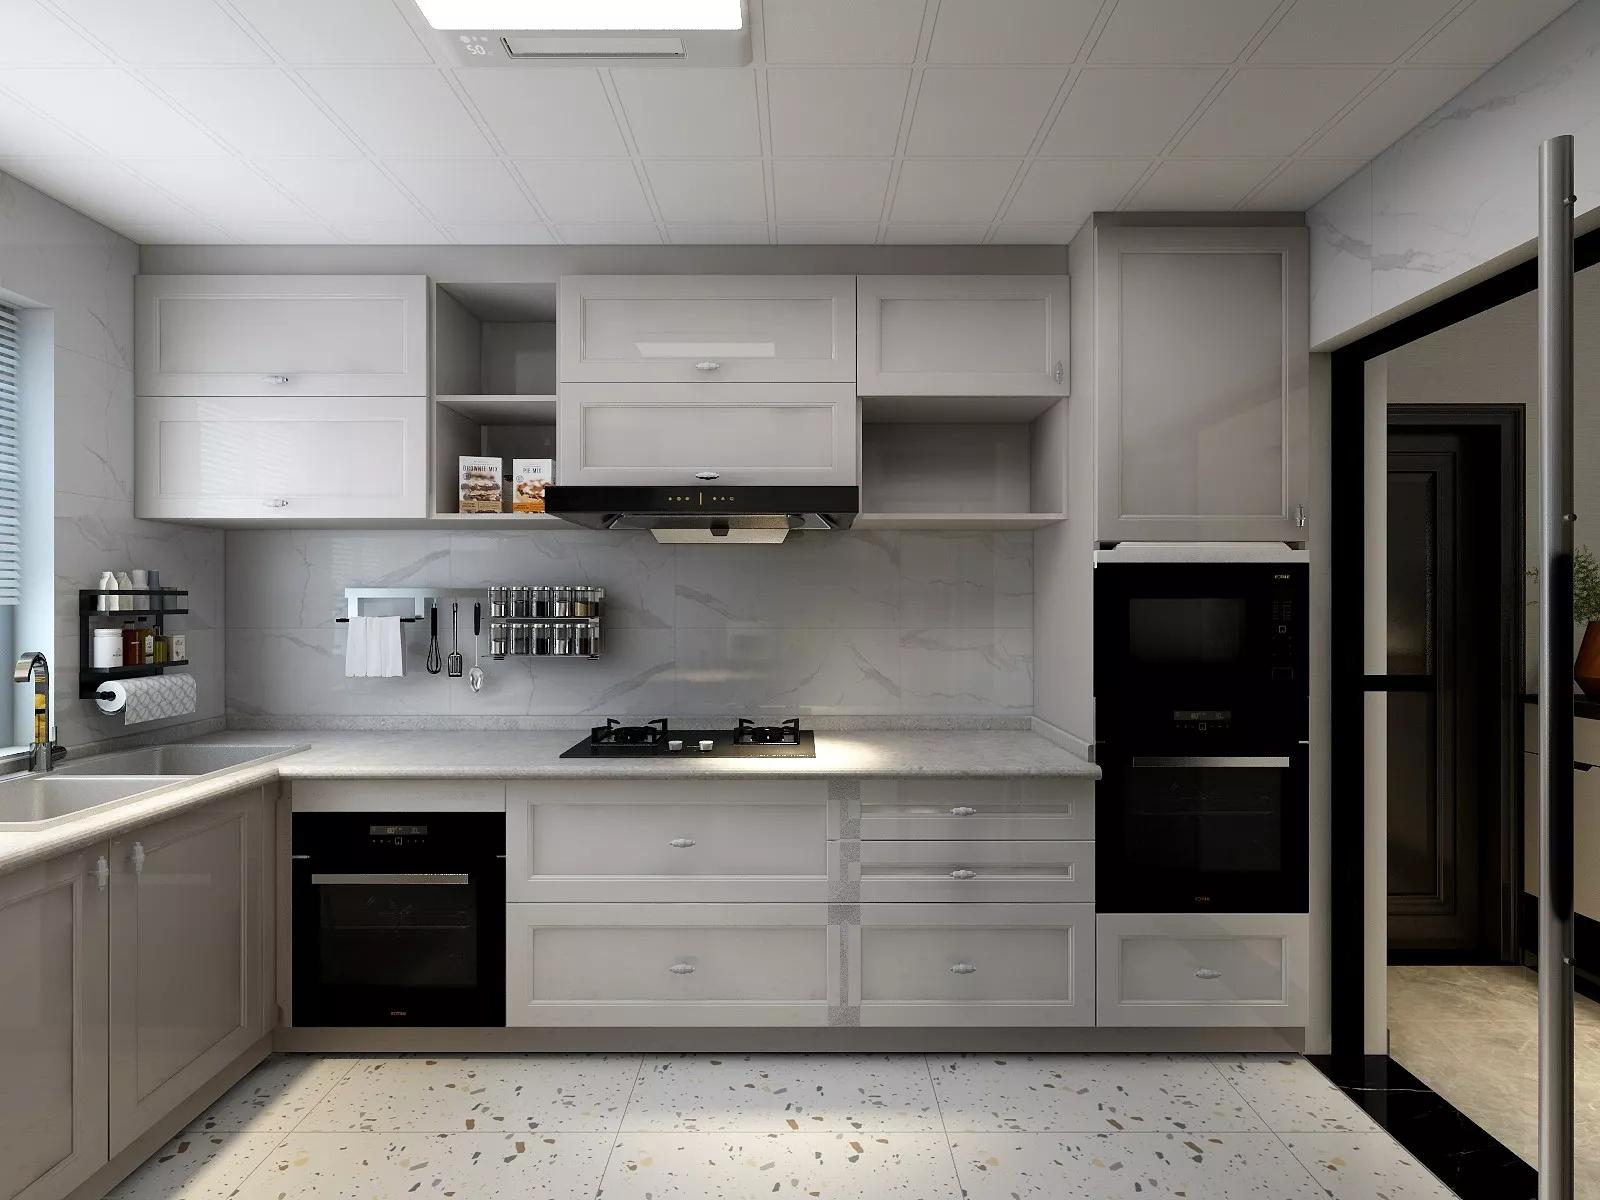 厨房门如何设计 厨房门风水禁忌